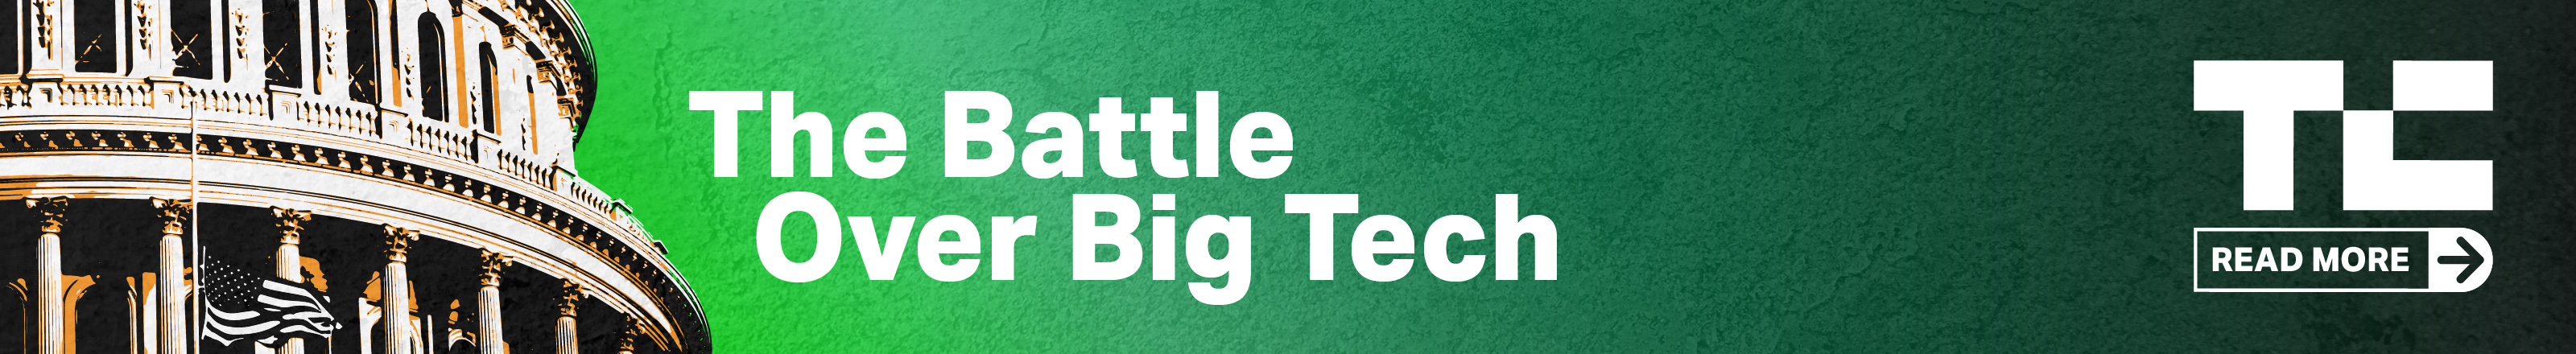 battle over big tech banner